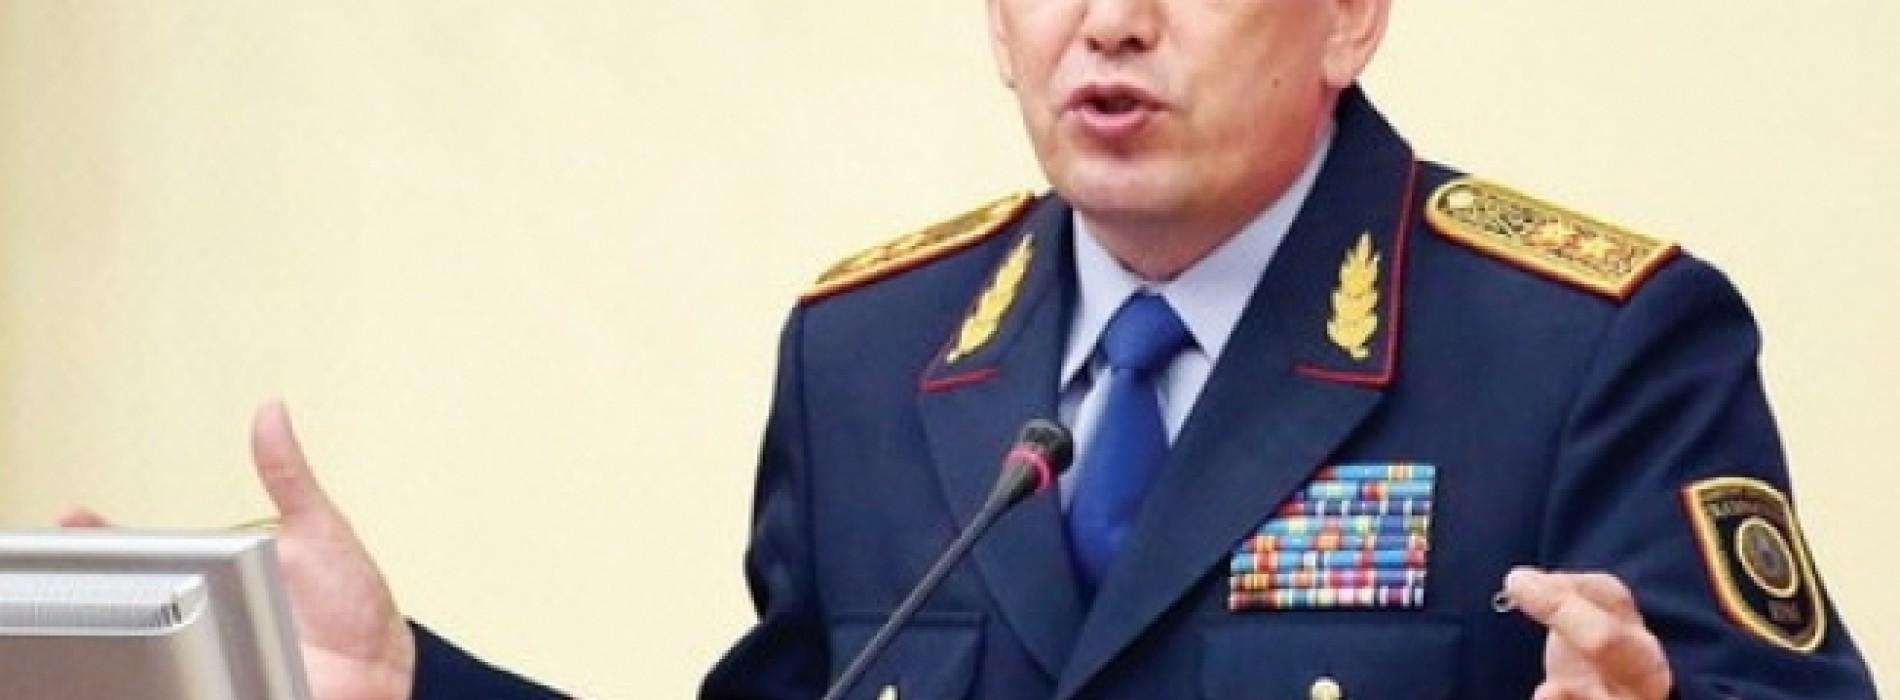 Министр МВД готов уволить всех полицейских